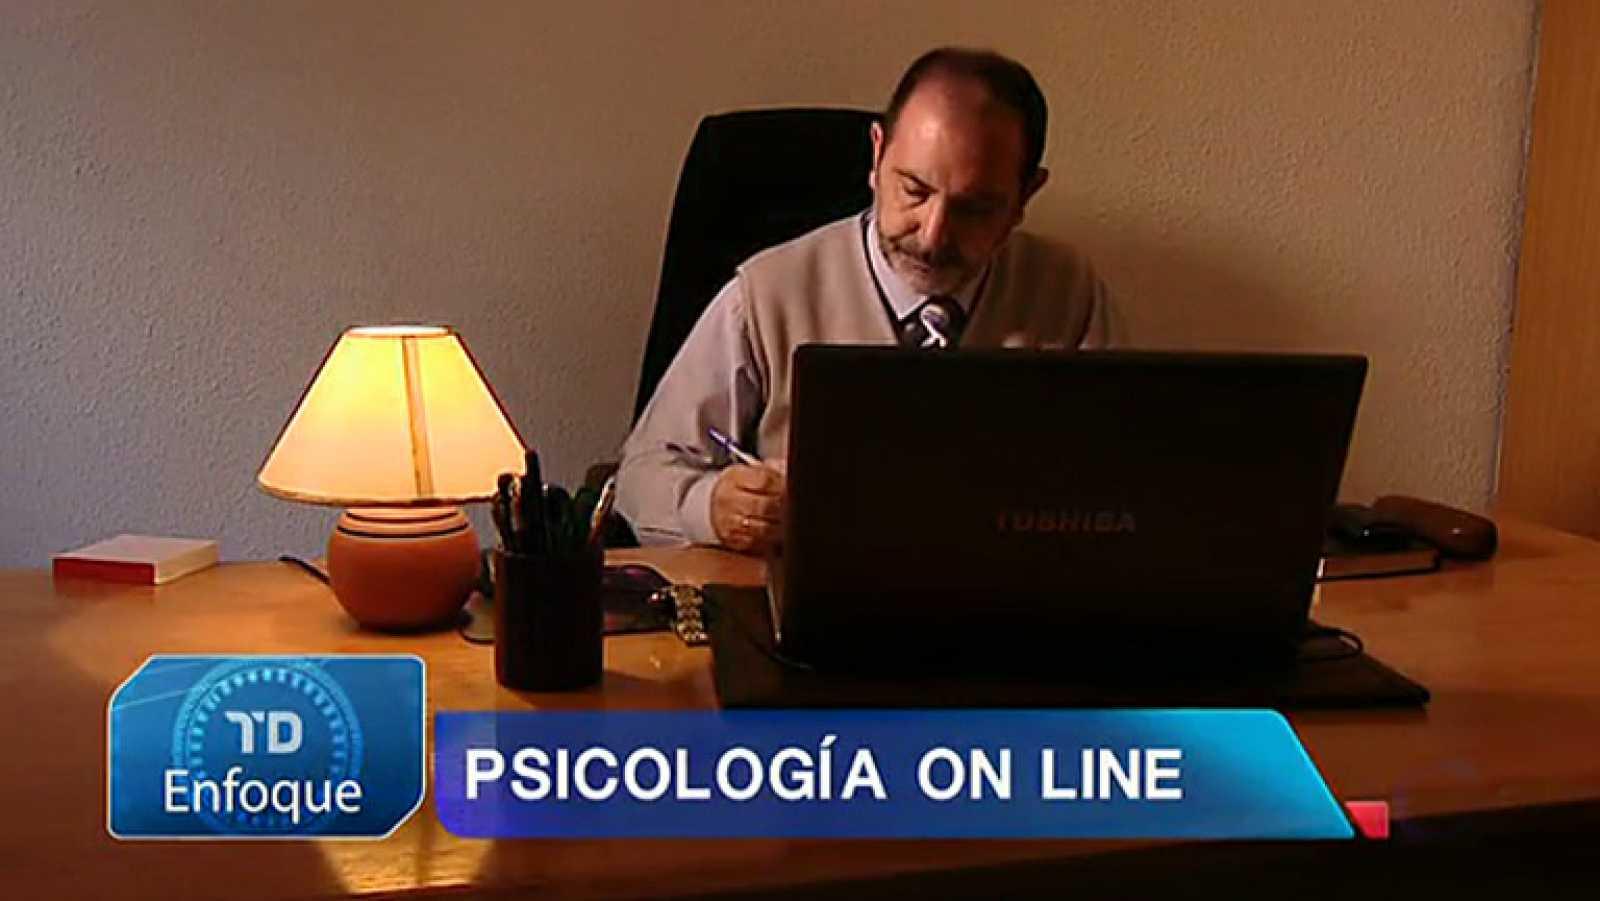 Psicología online: cambiar el diván por la videoconferencia y la consulta por el salón de casa